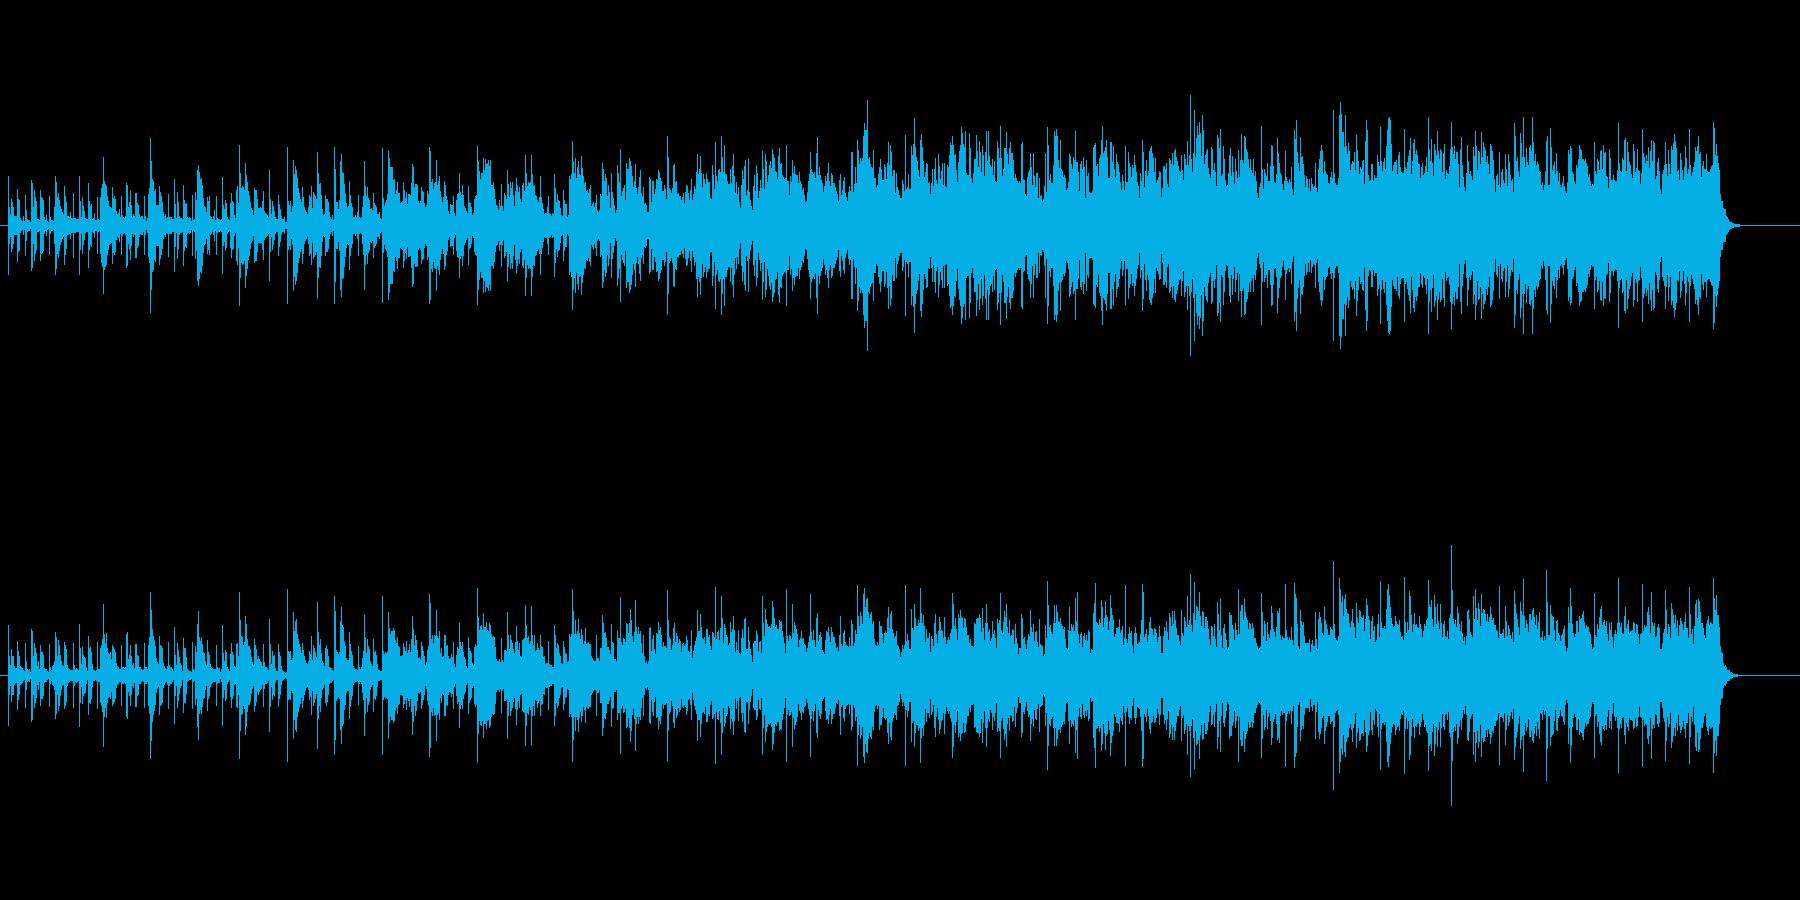 漂うようなピアノ・フュージョンの再生済みの波形